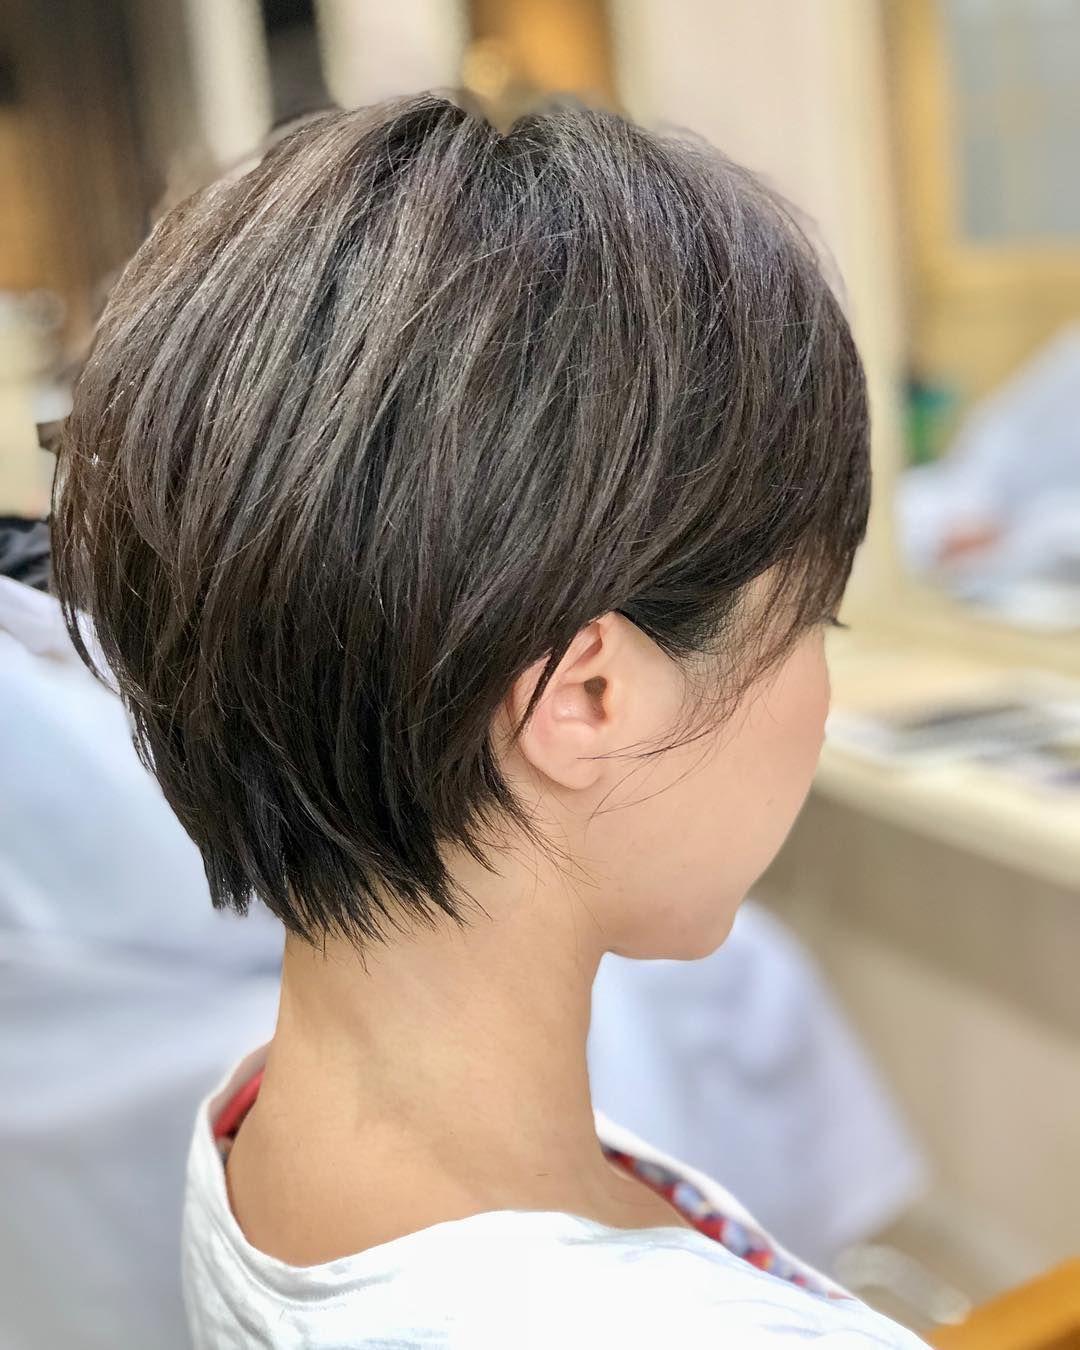 耳掛けショート 髪型 天然パーマ ヘアスタイリング